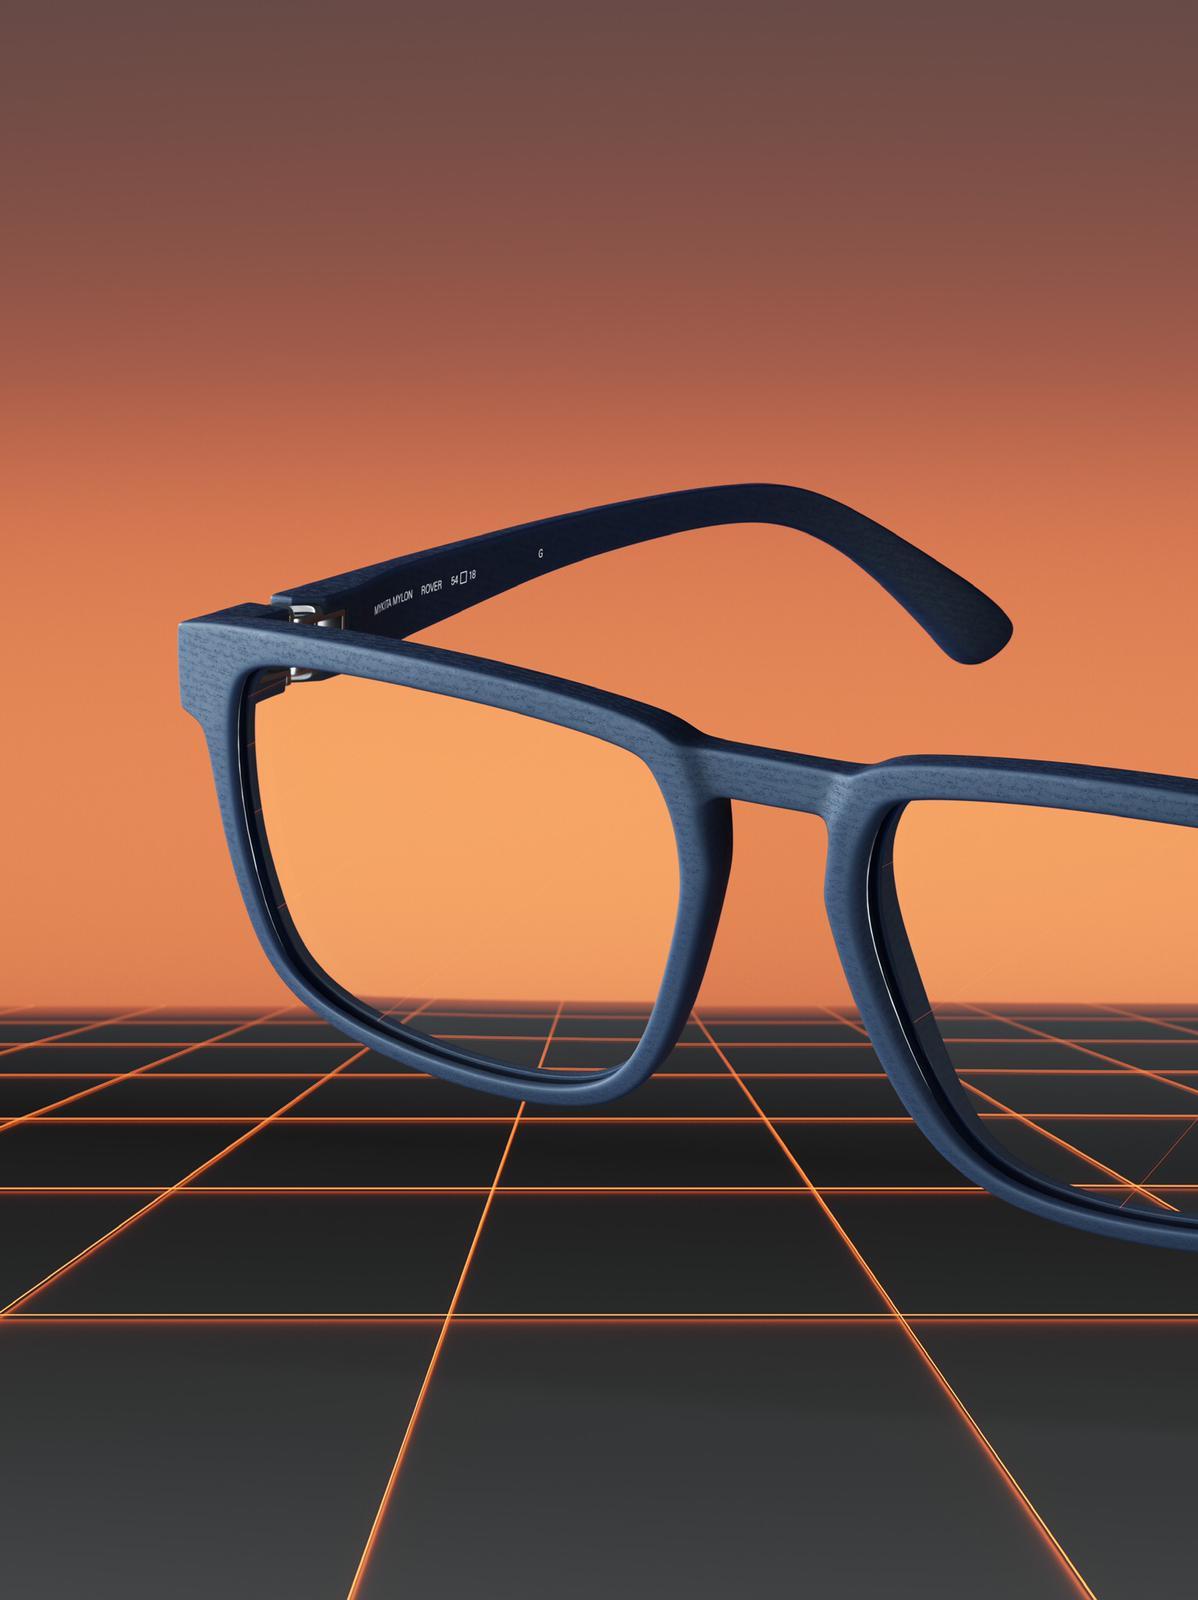 MYKITA brillen. Op Kieshelder vind je alle informatie over MYKITA brillen en ook de verkoopadressen voor MYKITA